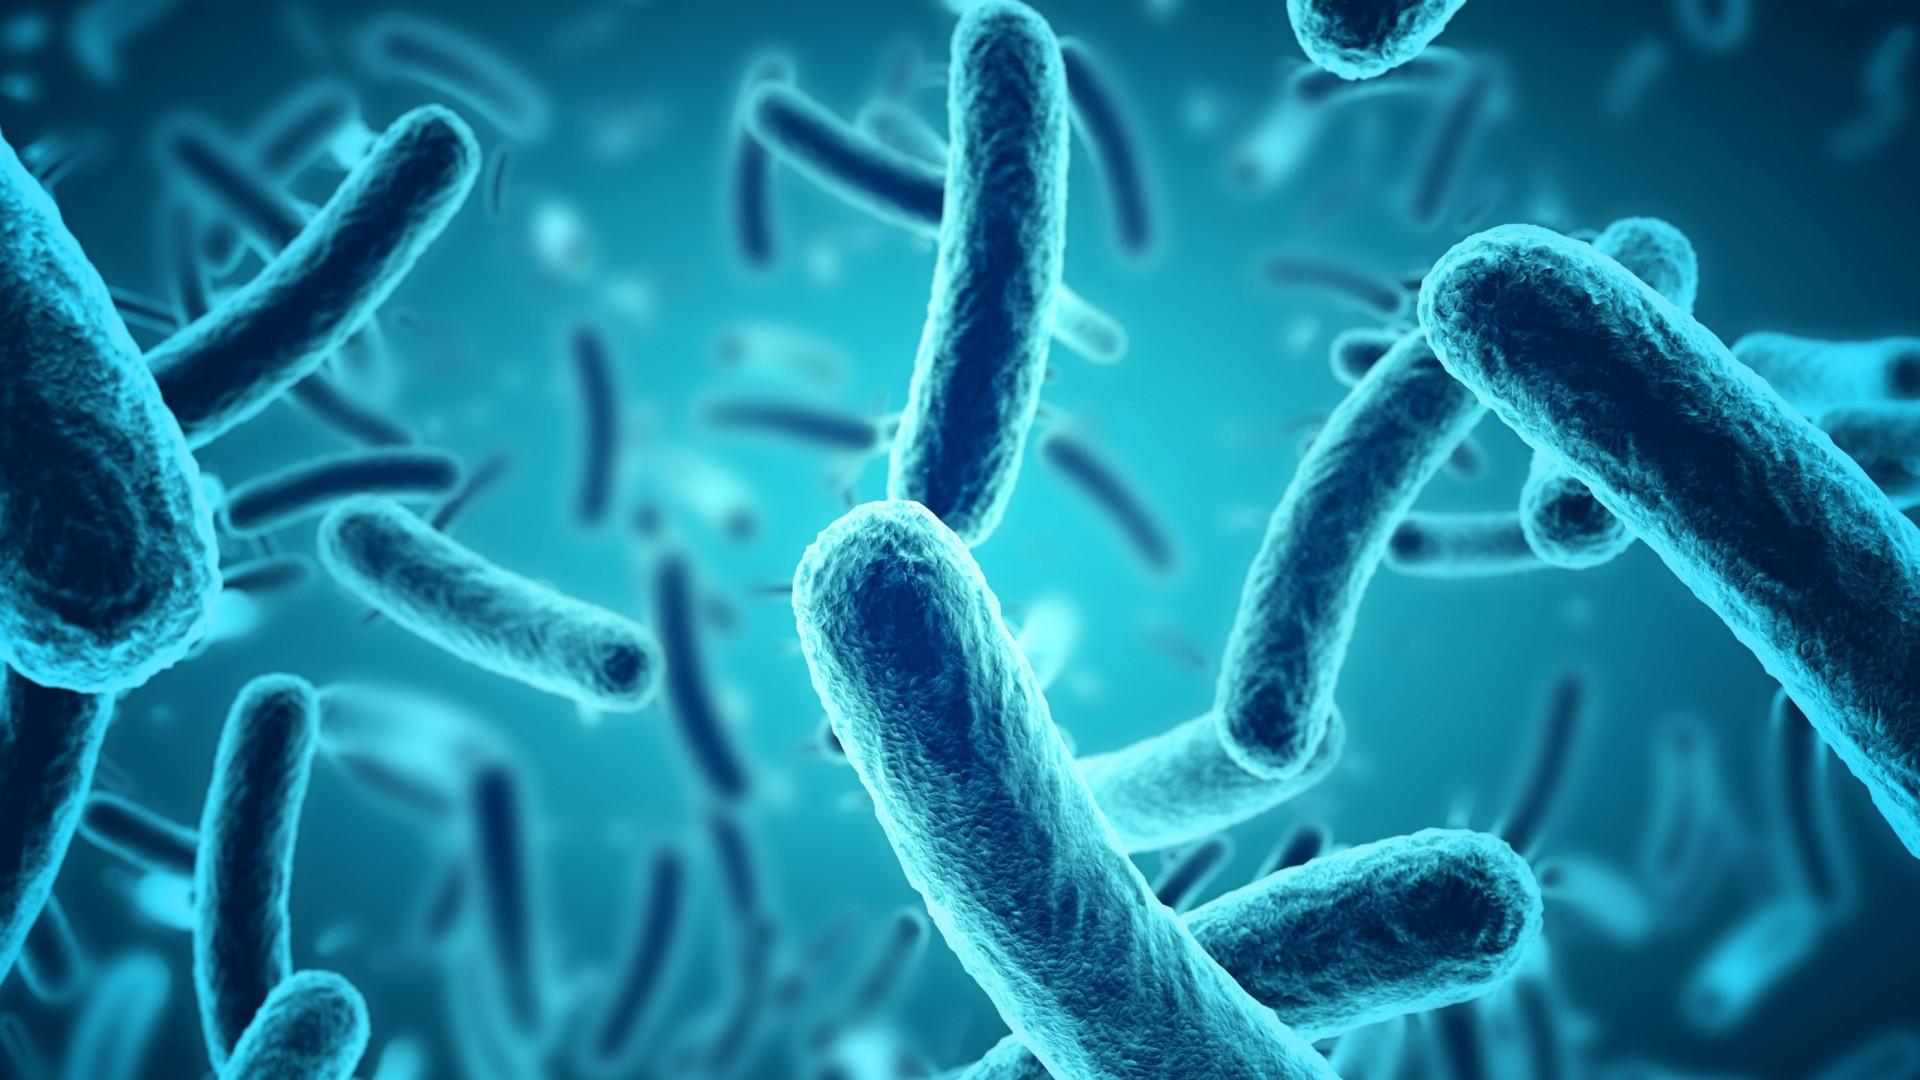 Bactérias que produzem eletricidade podem ser usadas na tecnologia